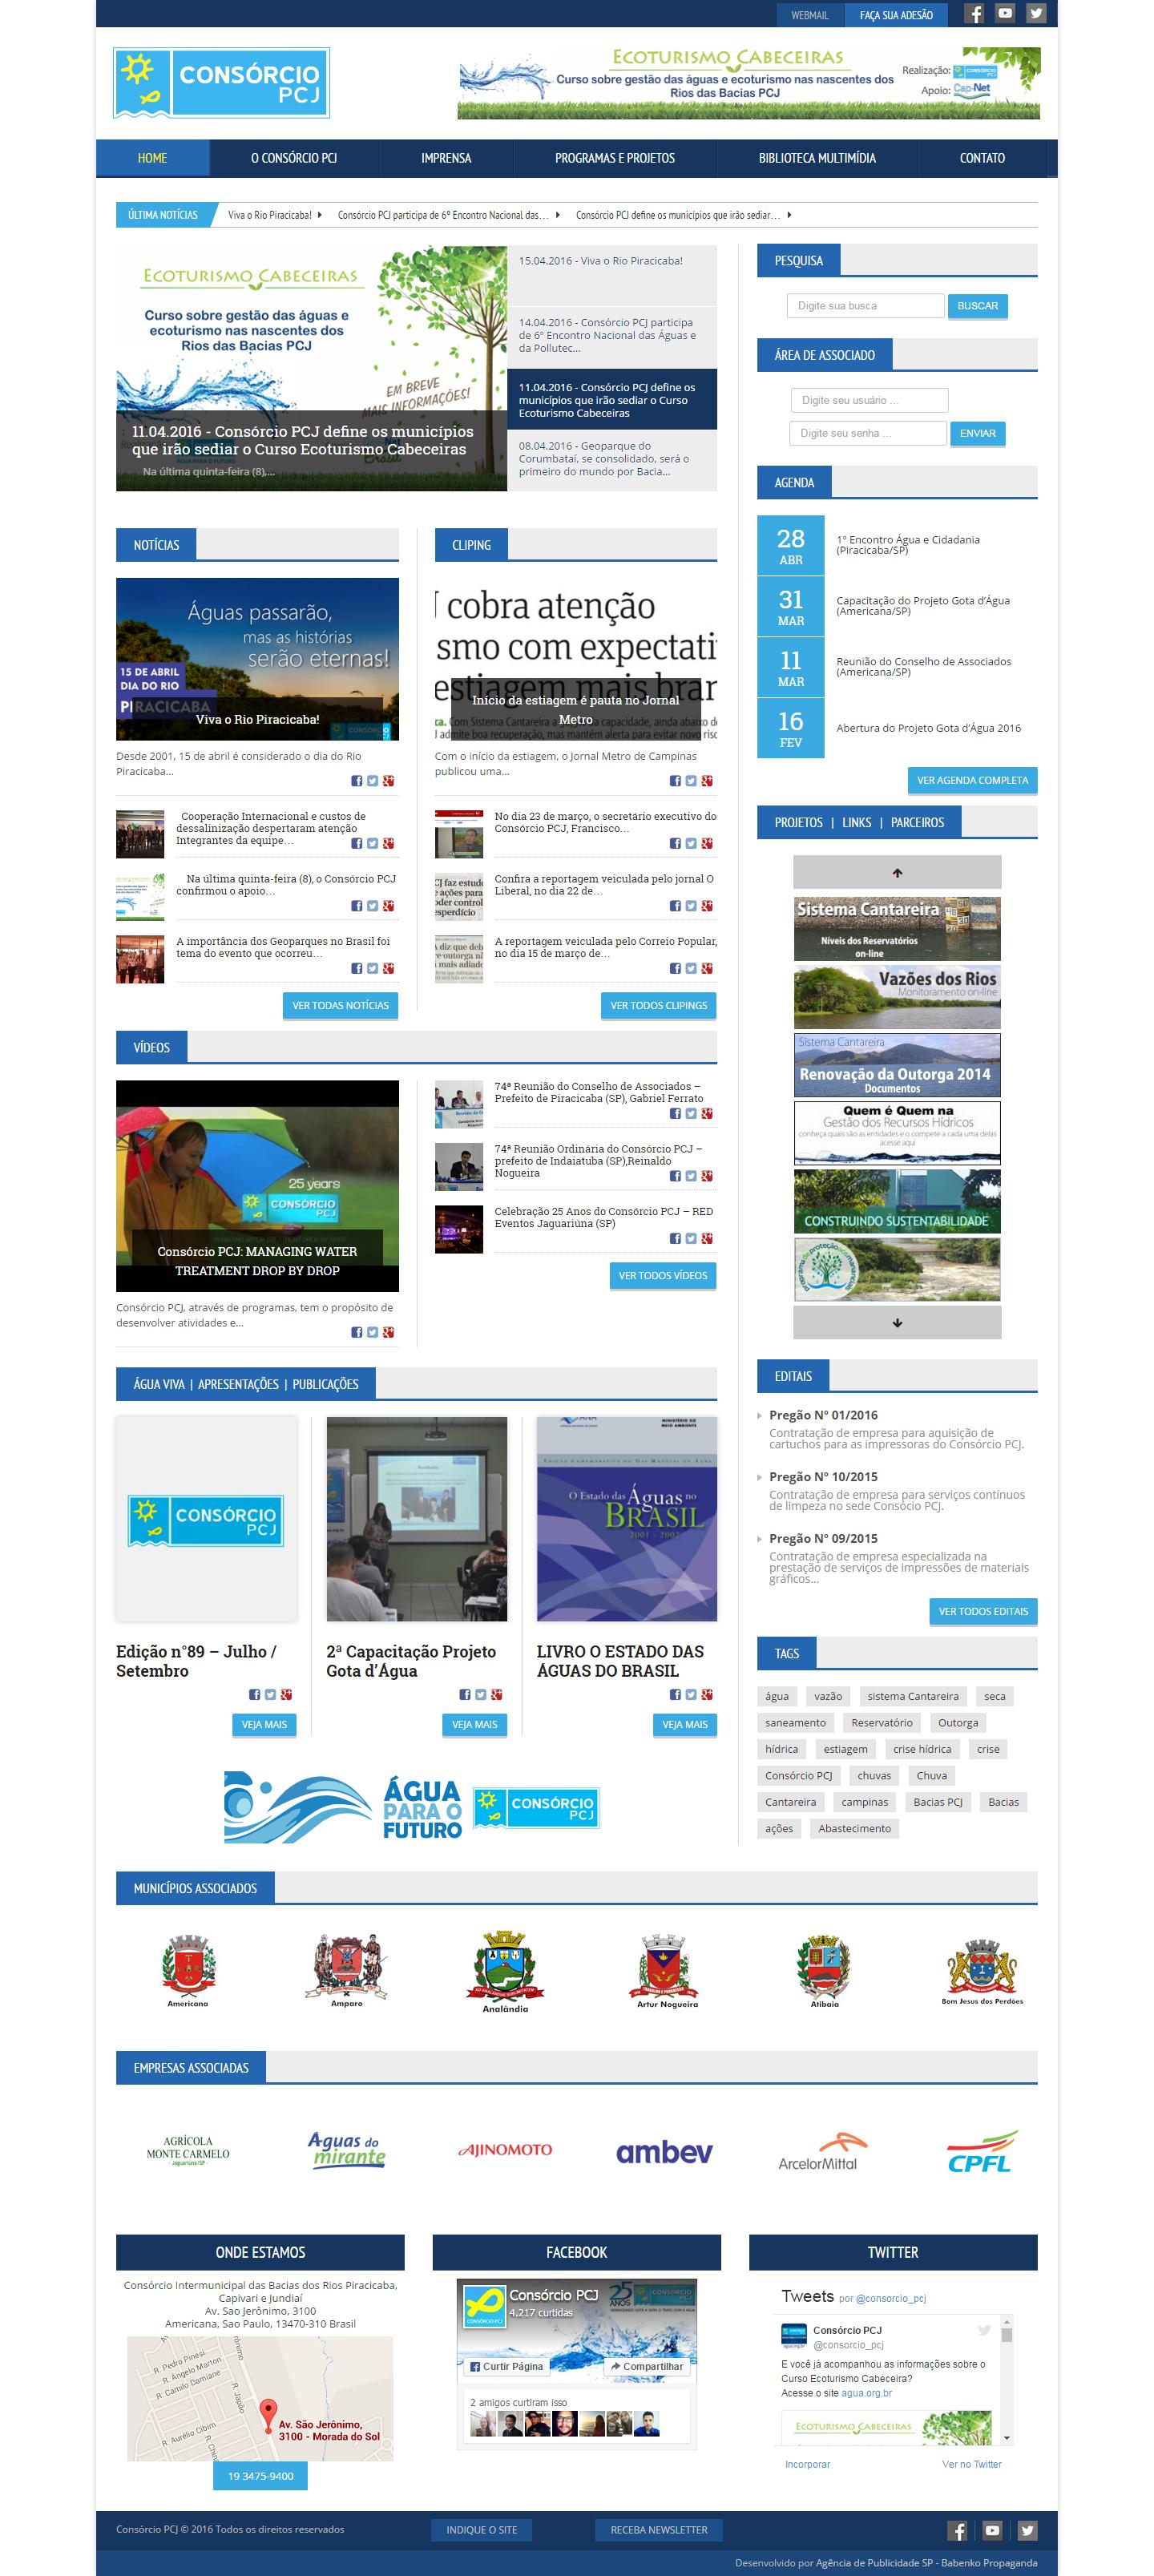 BABENKO agencia publicidade - Desenvolvimento Criação de Design de Sites Portal Consorcio PCJ